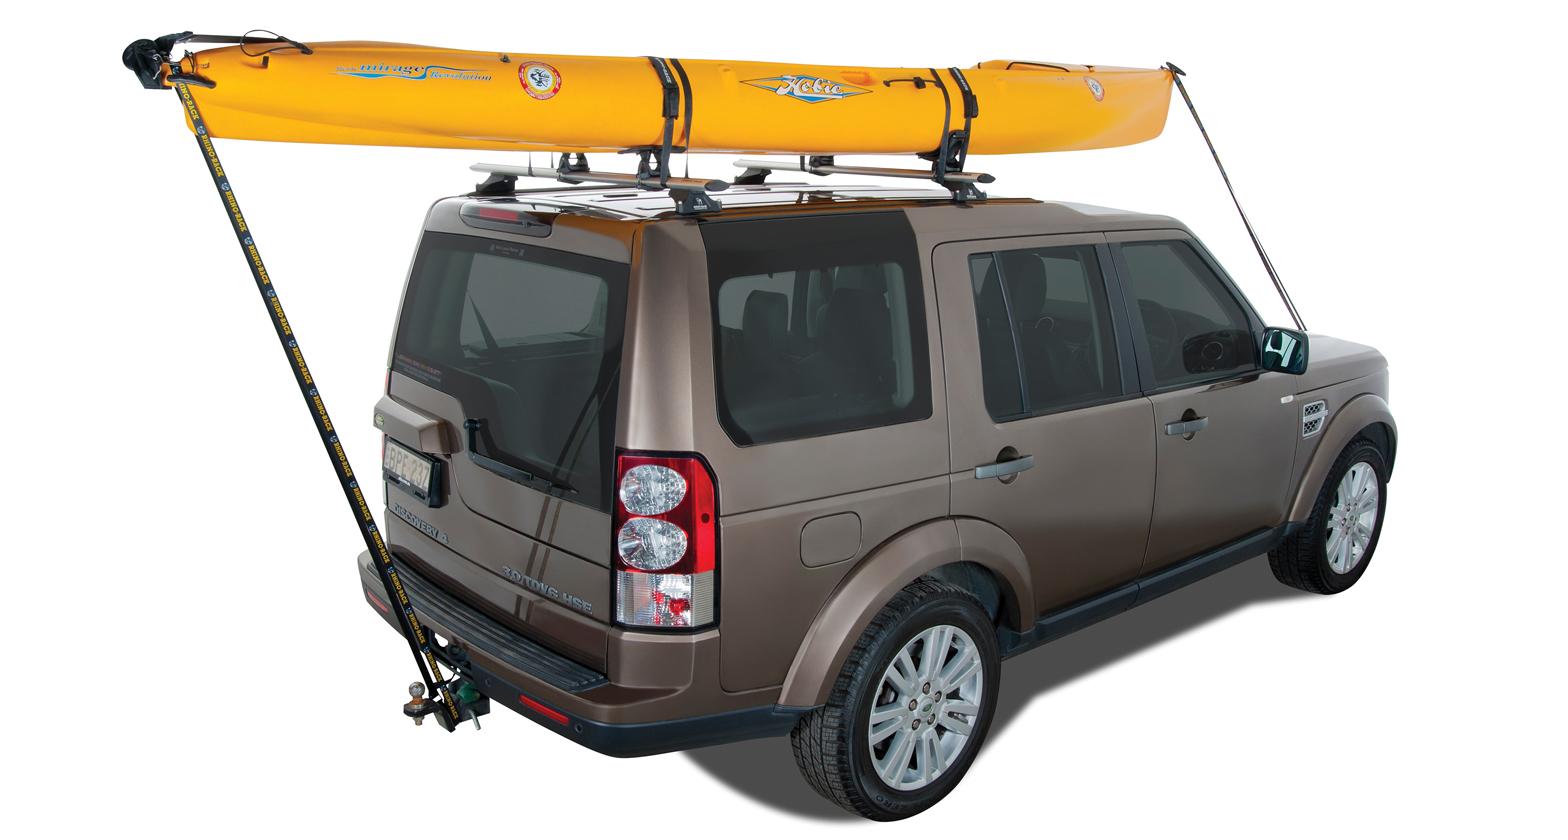 571 Nautic 571 Kayak Carrier Rear Loading Rhino Rack